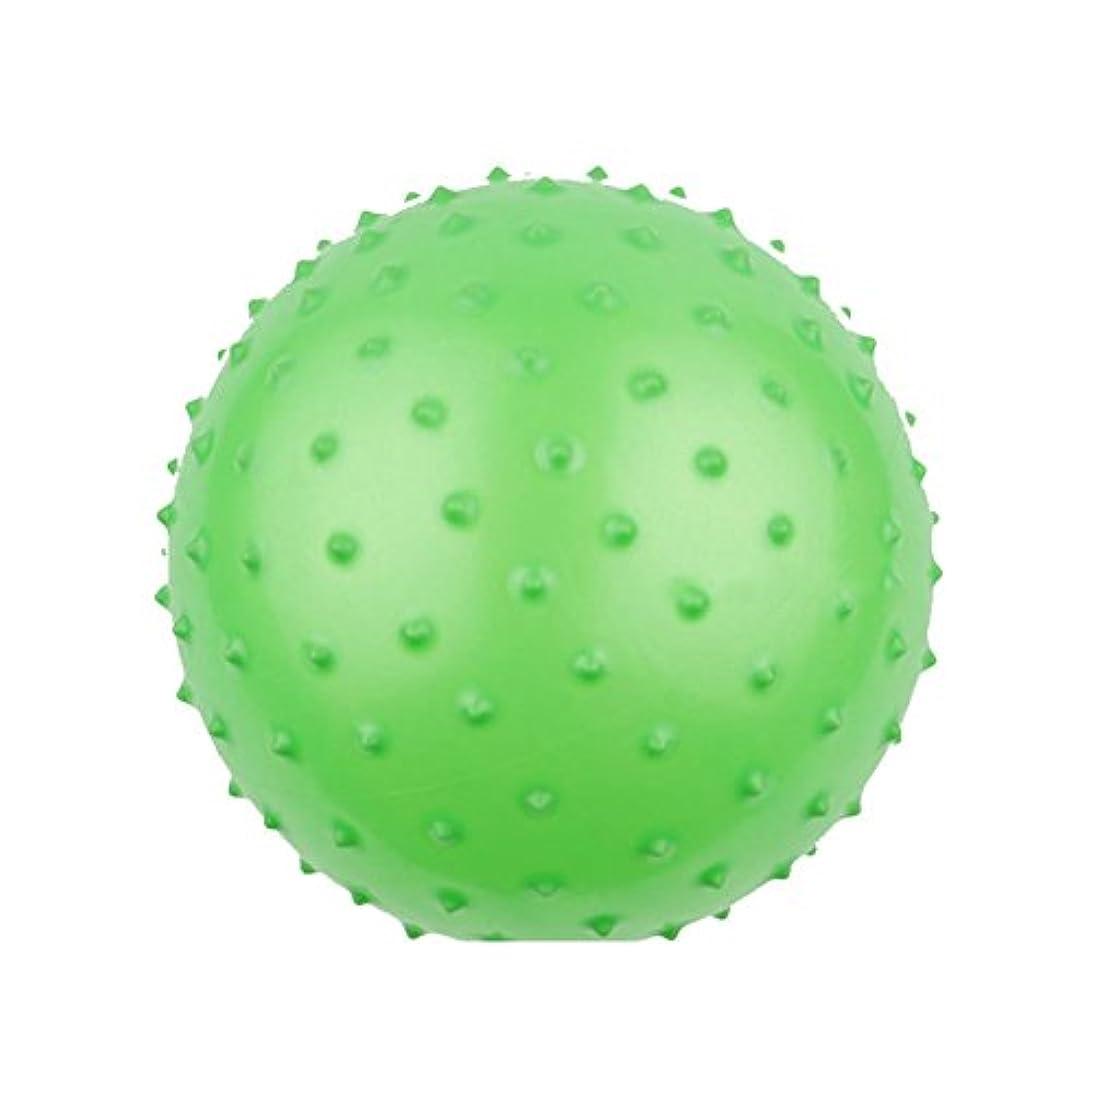 悪いキッチン警官Liebeye 野球ボール 素敵な野球ボールマッサージボールキッズインフレータブルおもちゃのギフト装飾品(ランダムカラー) 28cmマッサージボール